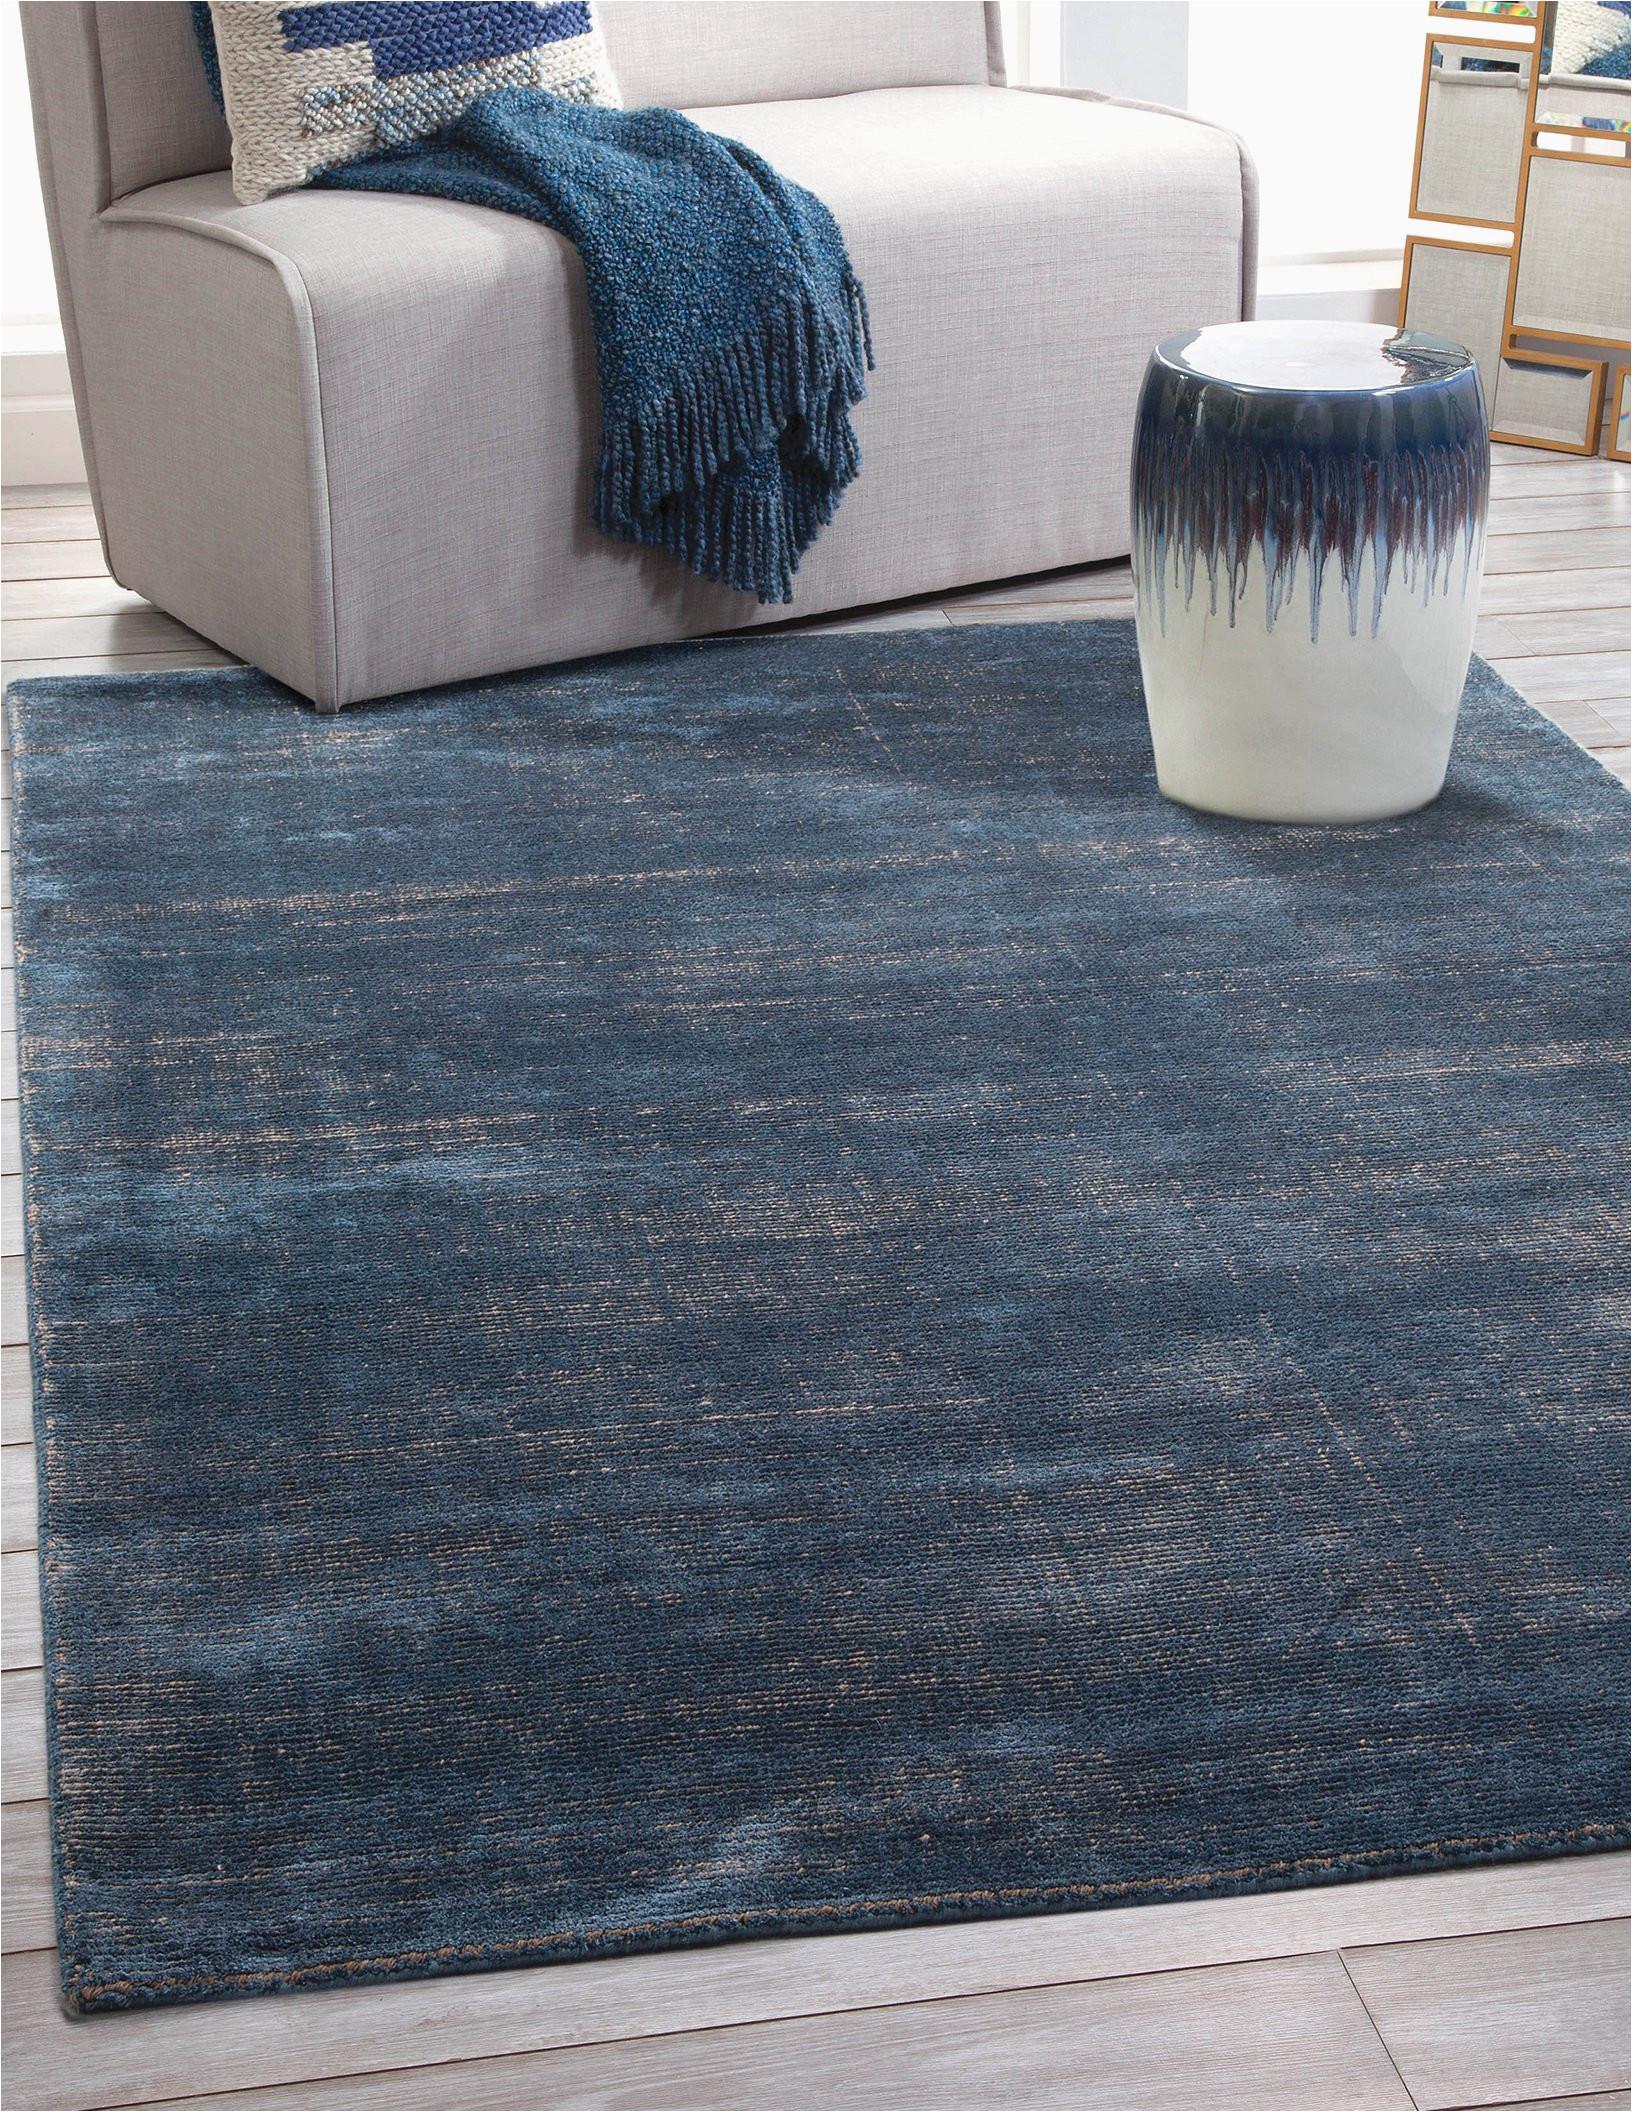 modern faded denim blue area rug 2048x